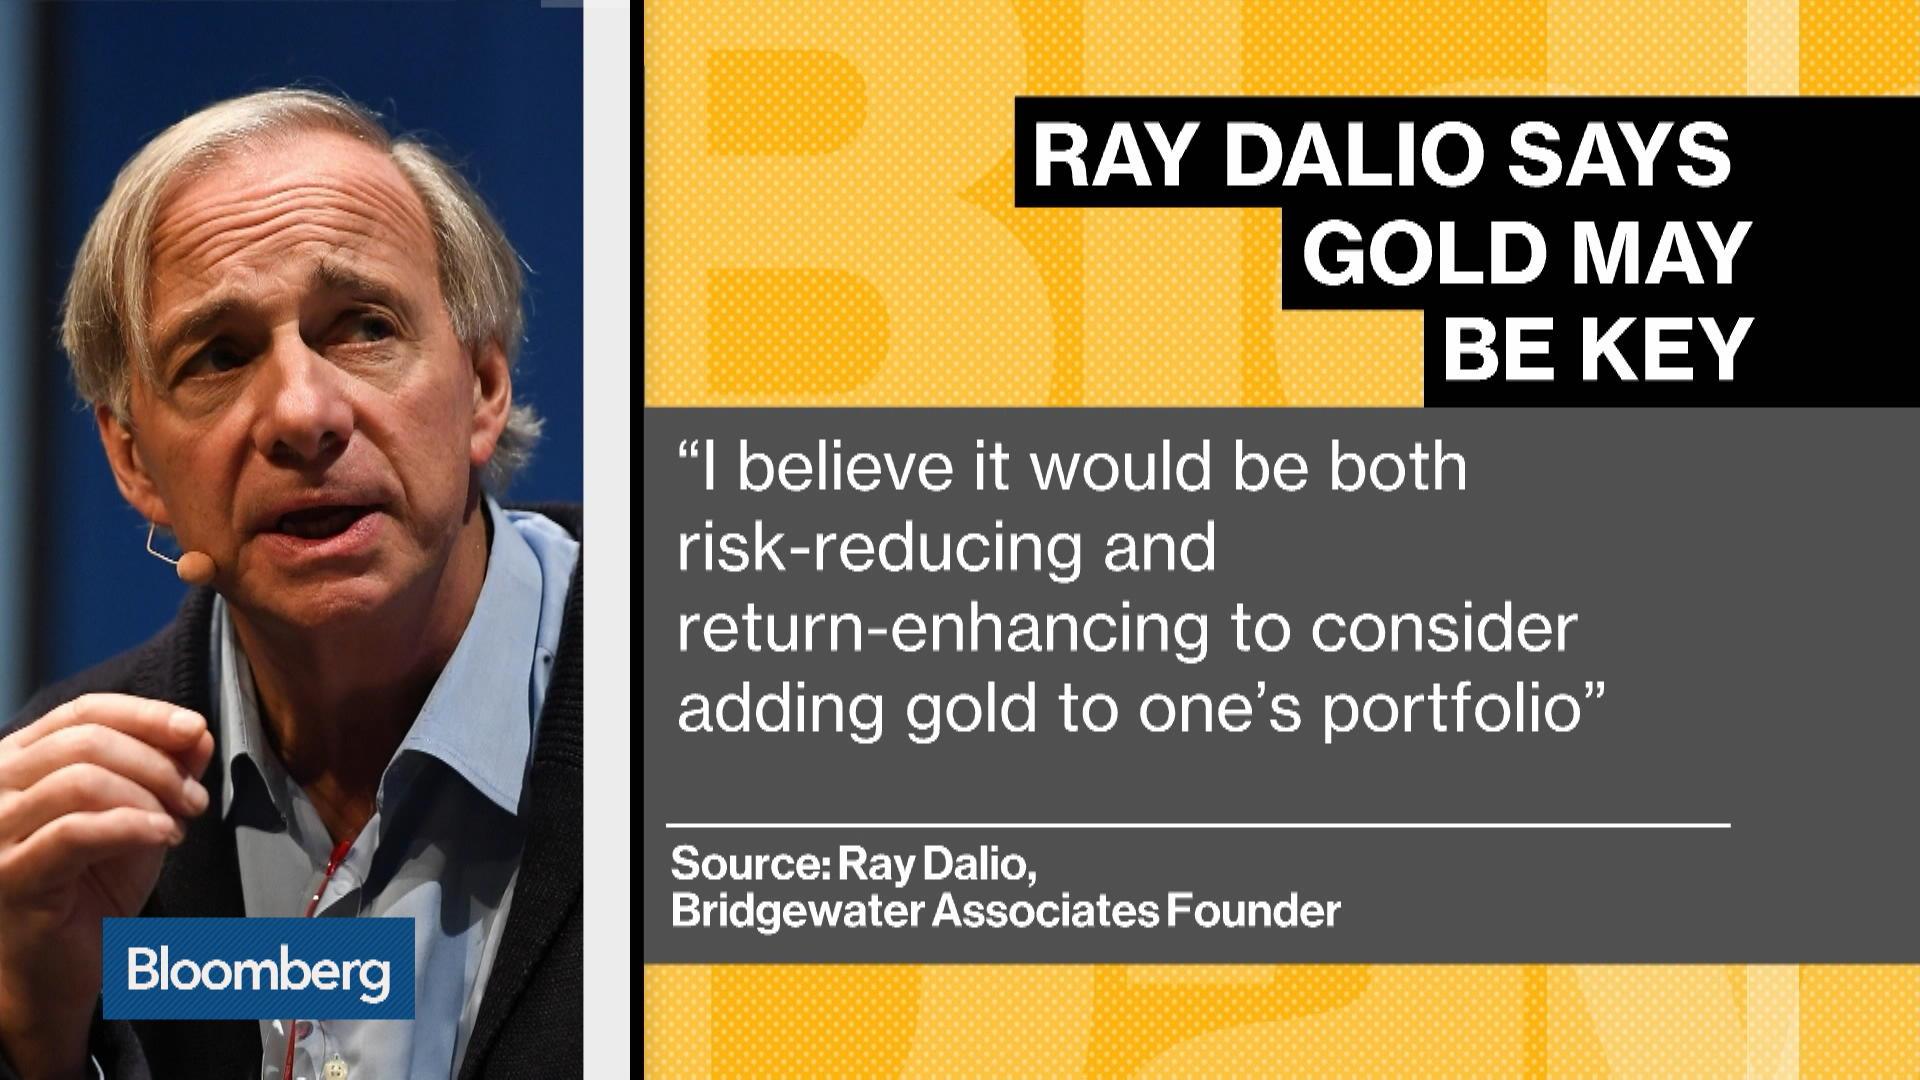 ray dalio gold fund กองทุนทอง